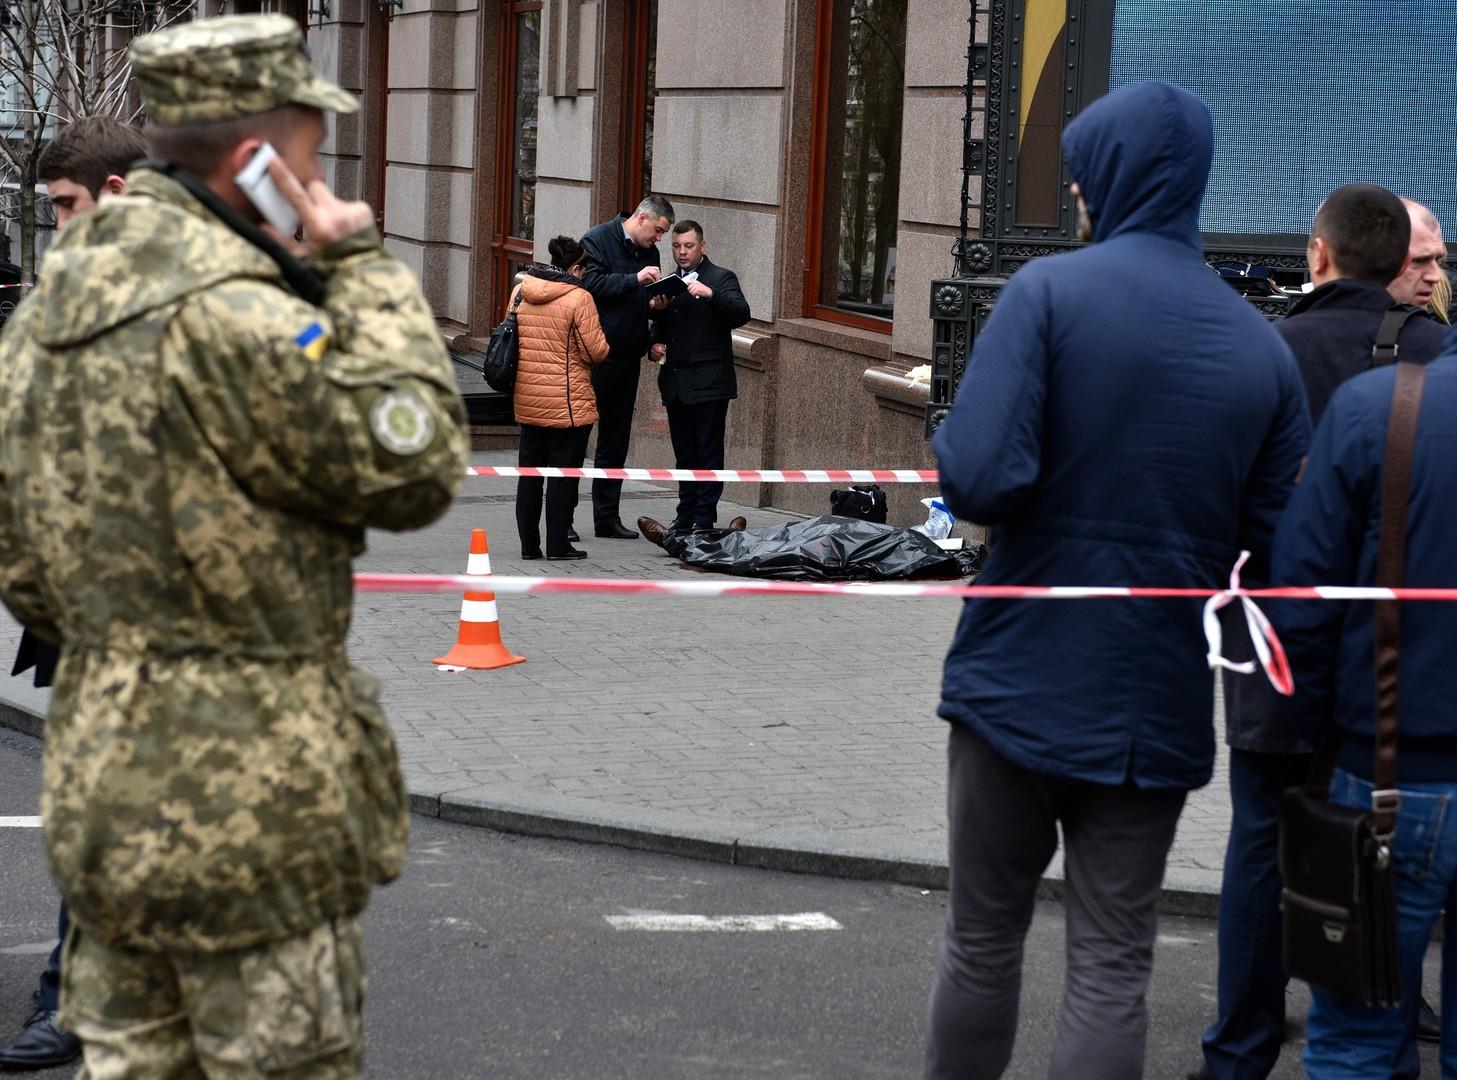 Братья по оружию: что известно о сообщнике убийцы экс-депутата Госдумы Вороненкова